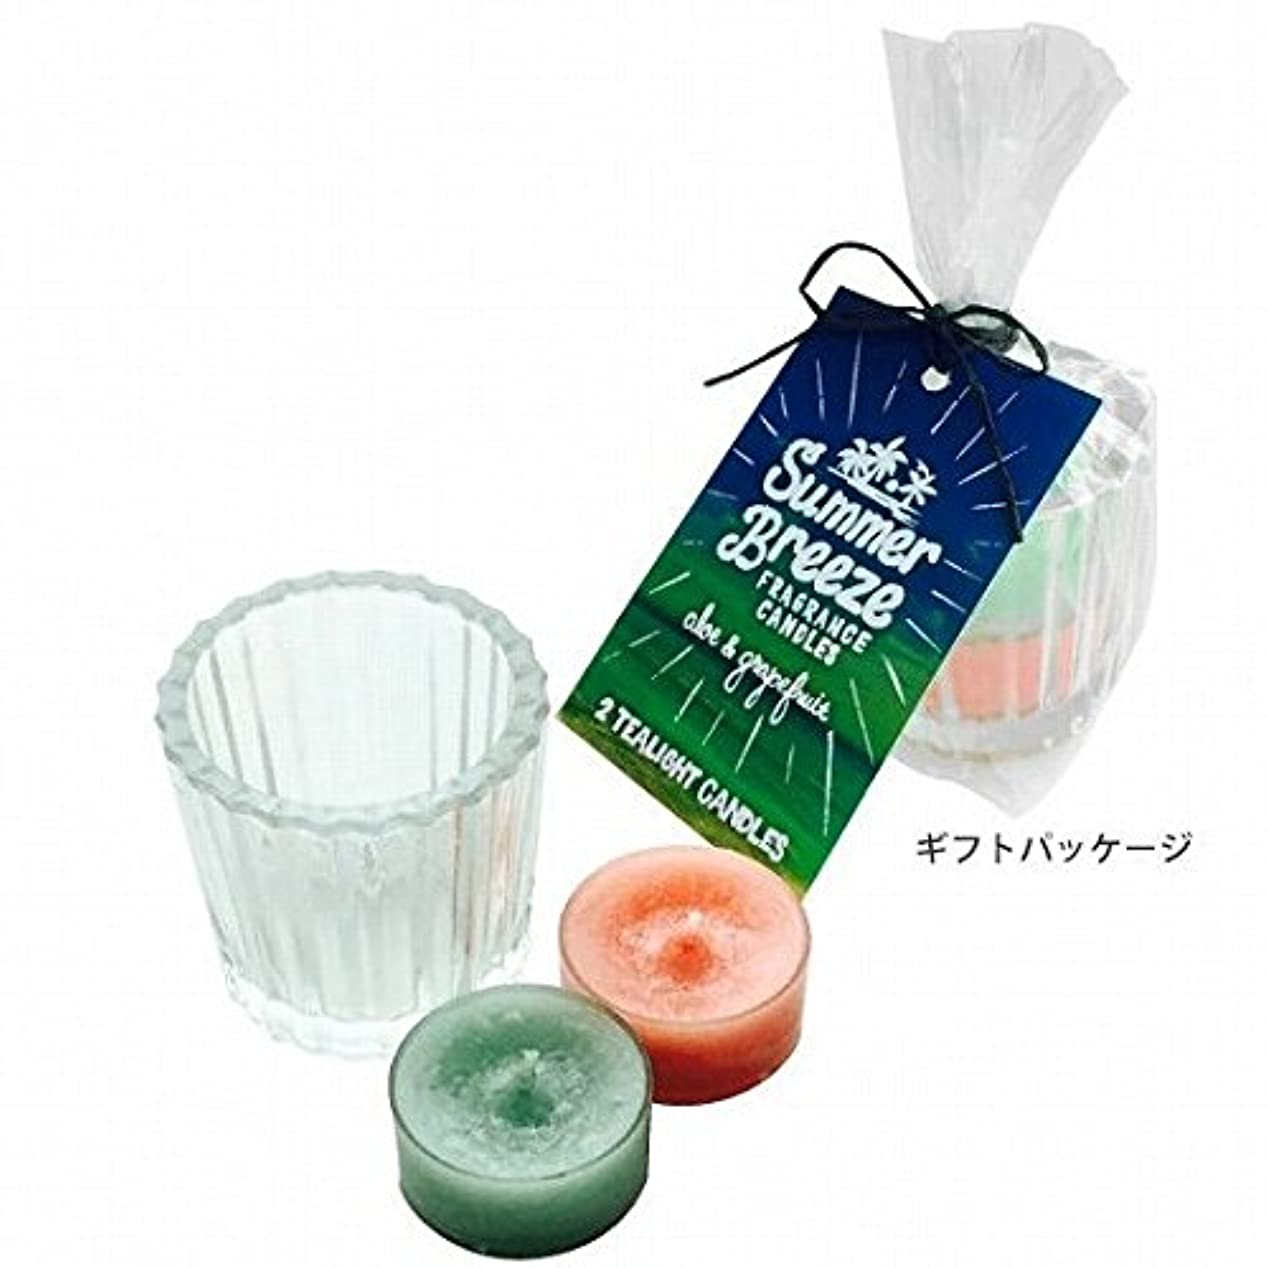 コンテンポラリートランペット弾丸kameyama candle(カメヤマキャンドル) サマーブリーズティーライトキャンドルセット(K5090001)